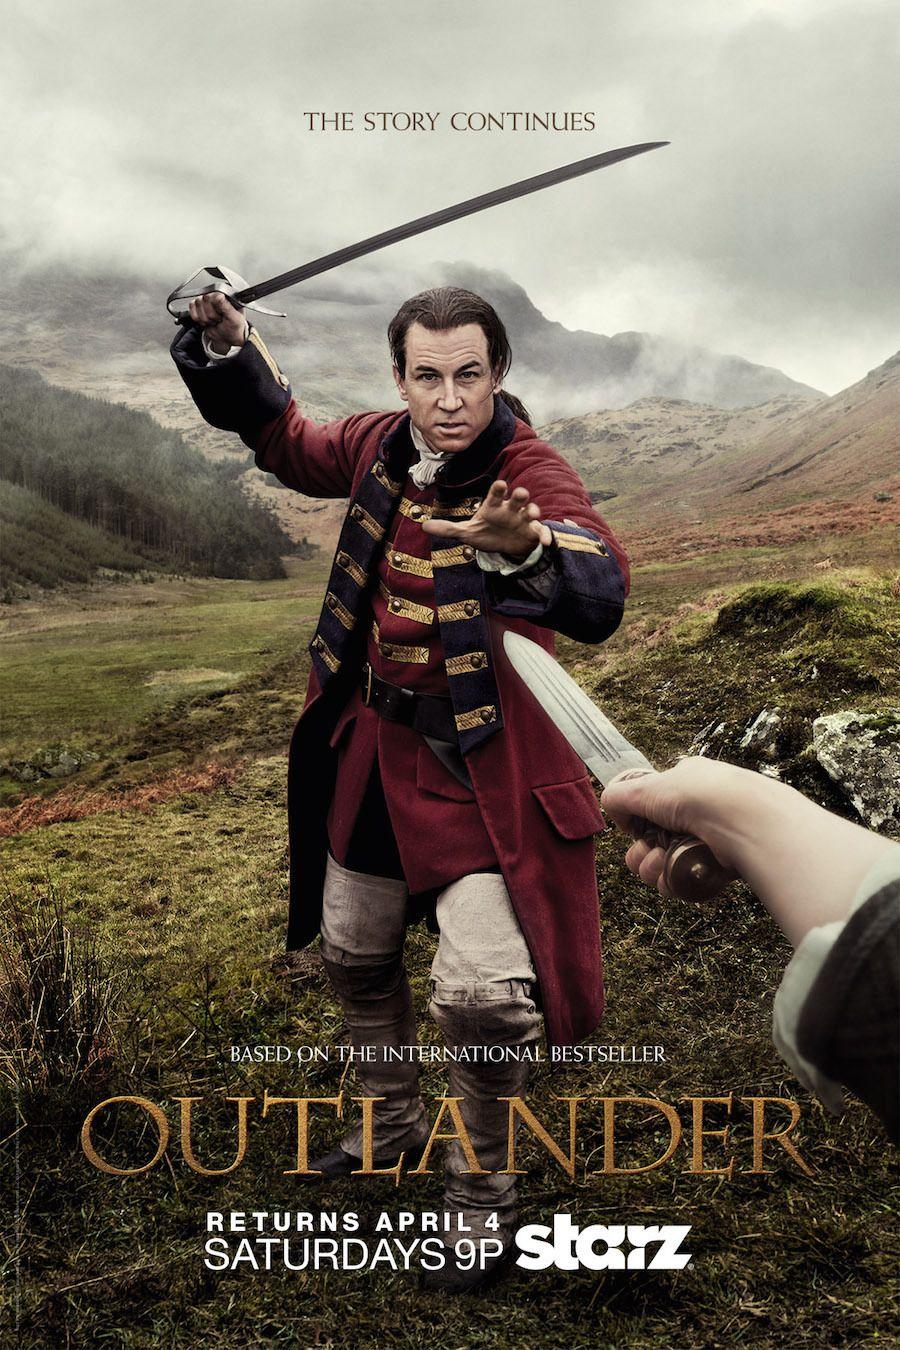 مسلسل Outlander الموسم الثاني كامل مترجم مشاهدة اون لاين و تحميل Outlander Season 2 2014 Outlander الم Outlander Tv Outlander Tv Series Outlander Season 1